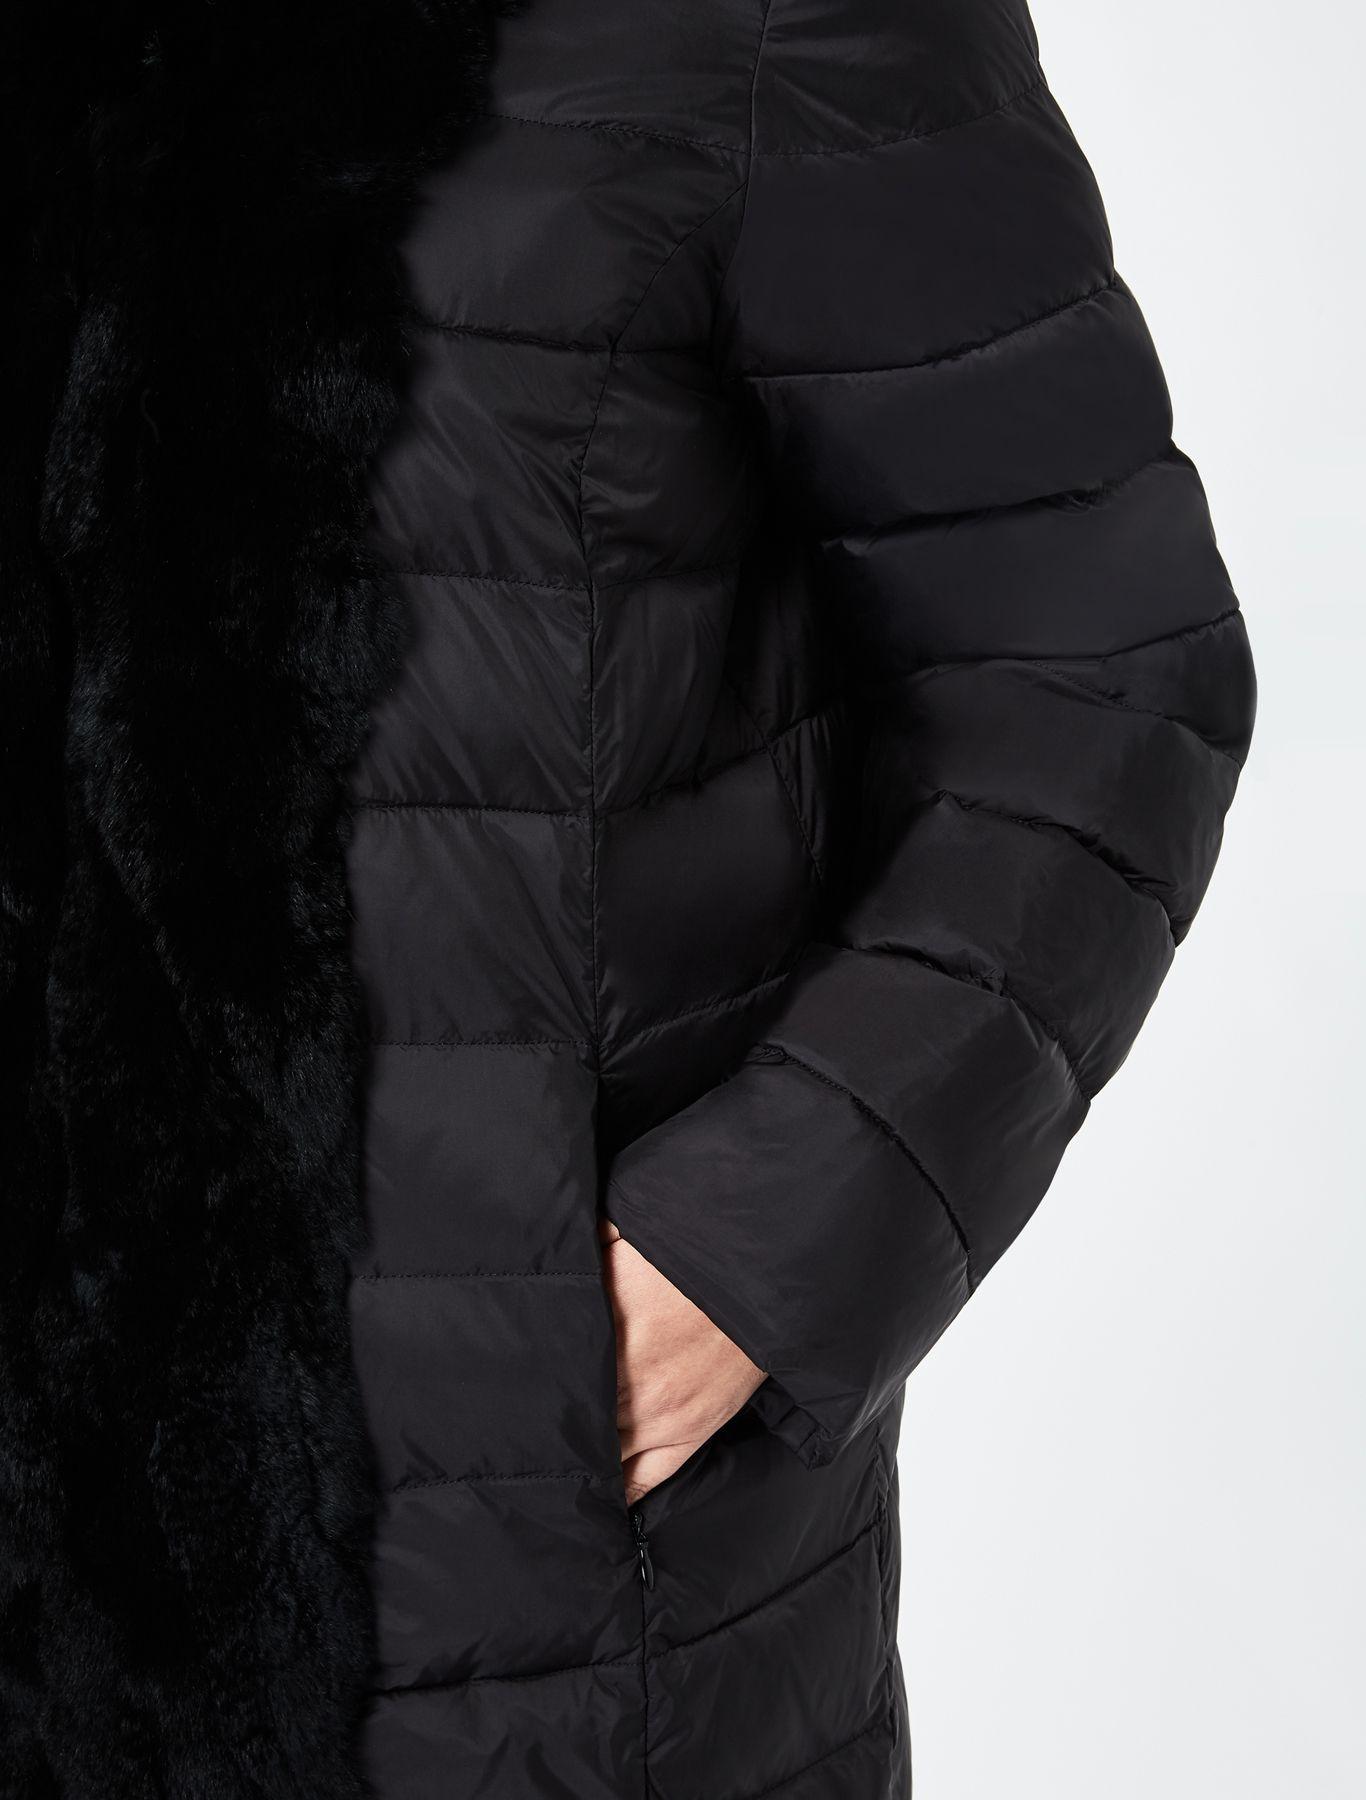 Marina Rinaldi PARCO nero: Piumino in nylon satinato e lapin.